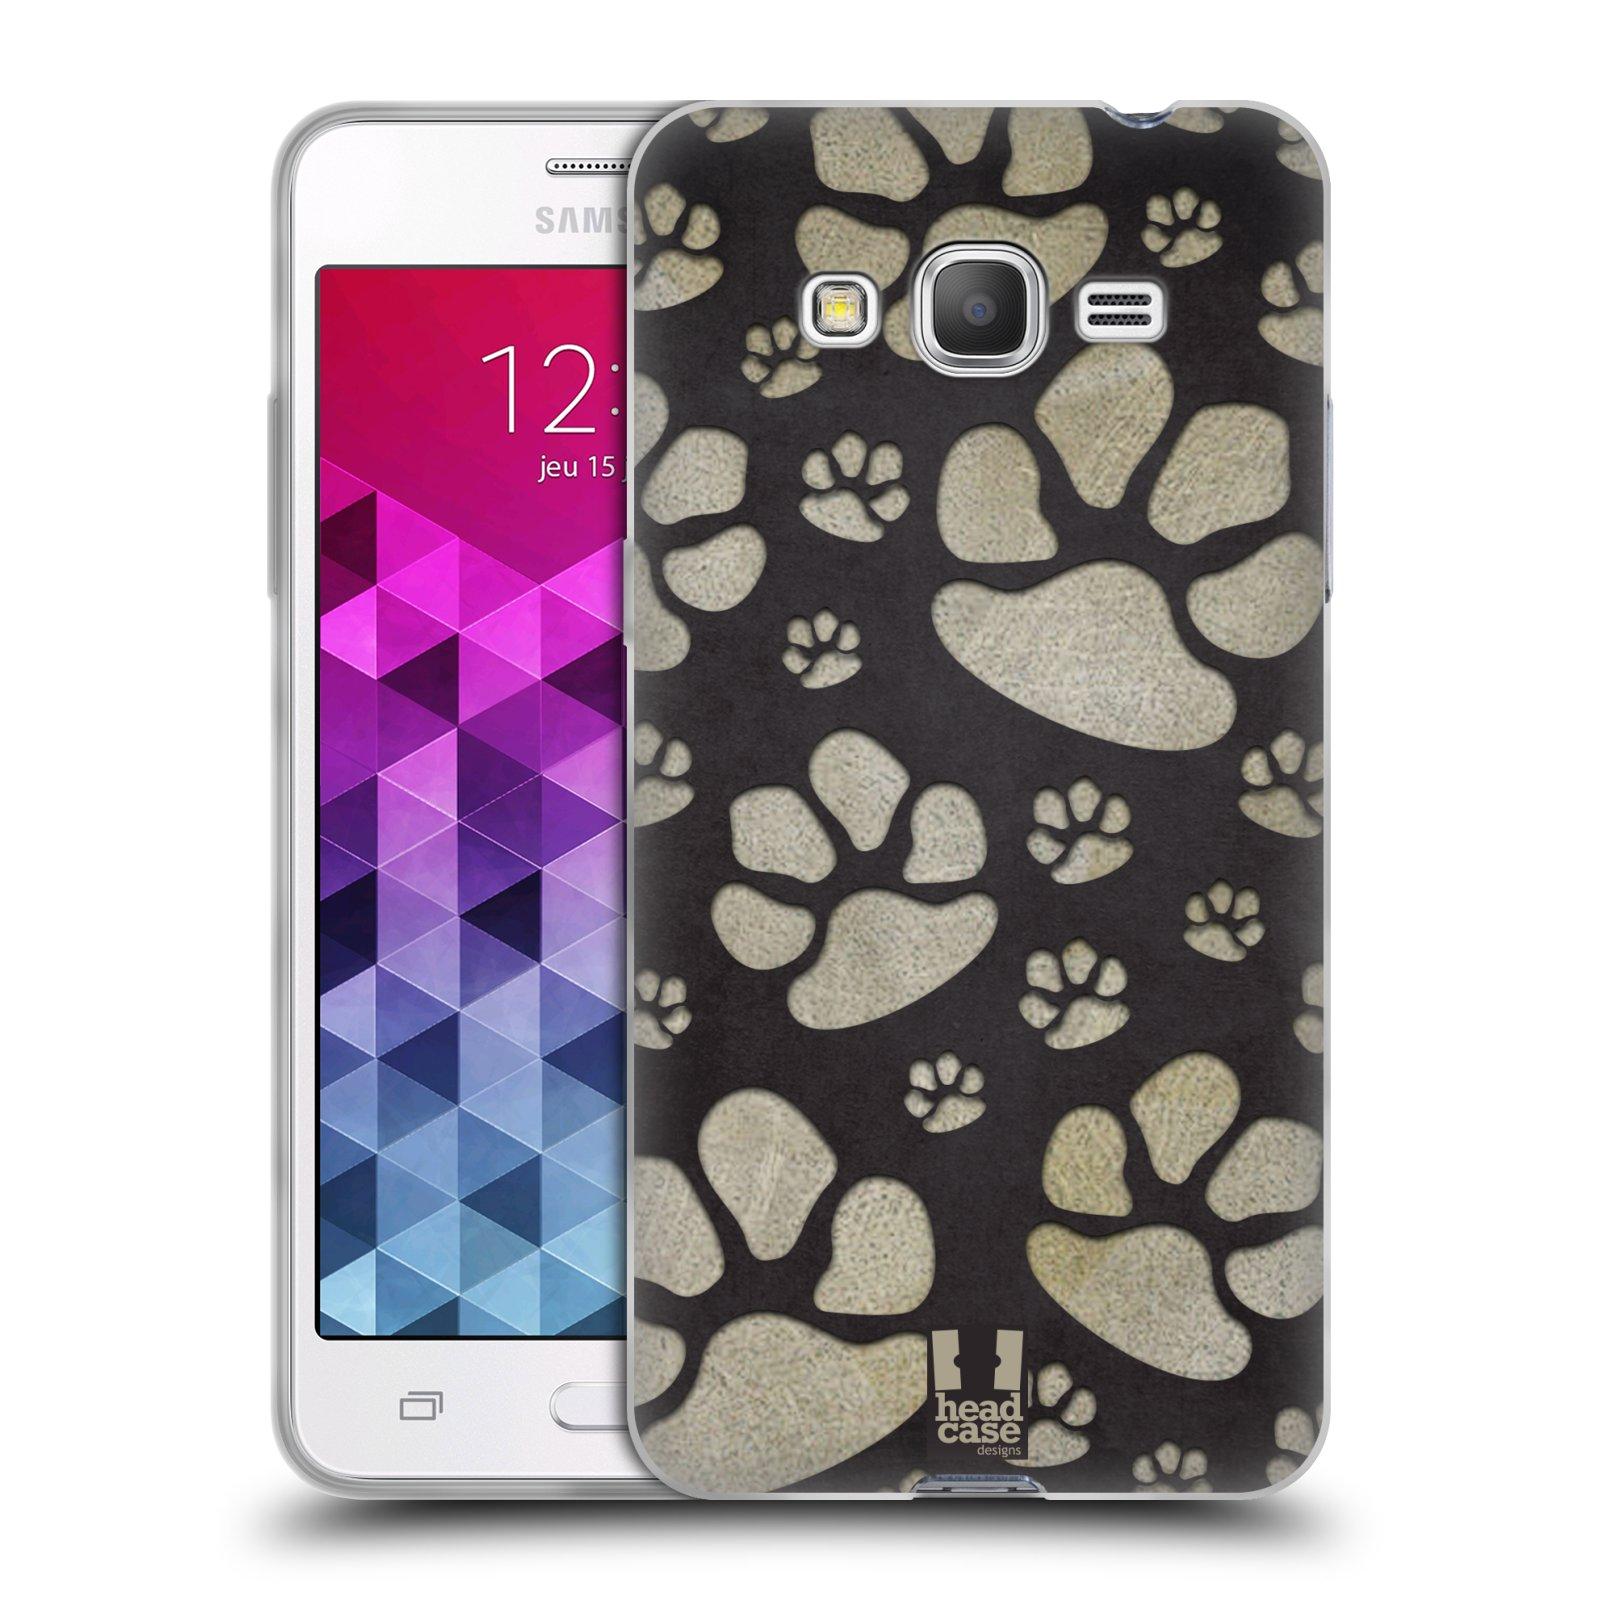 Silikonové pouzdro na mobil Samsung Galaxy Grand Prime VE HEAD CASE TLAPKY ŠEDÉ (Silikonový kryt či obal na mobilní telefon Samsung Galaxy Grand Prime VE SM-G531F)